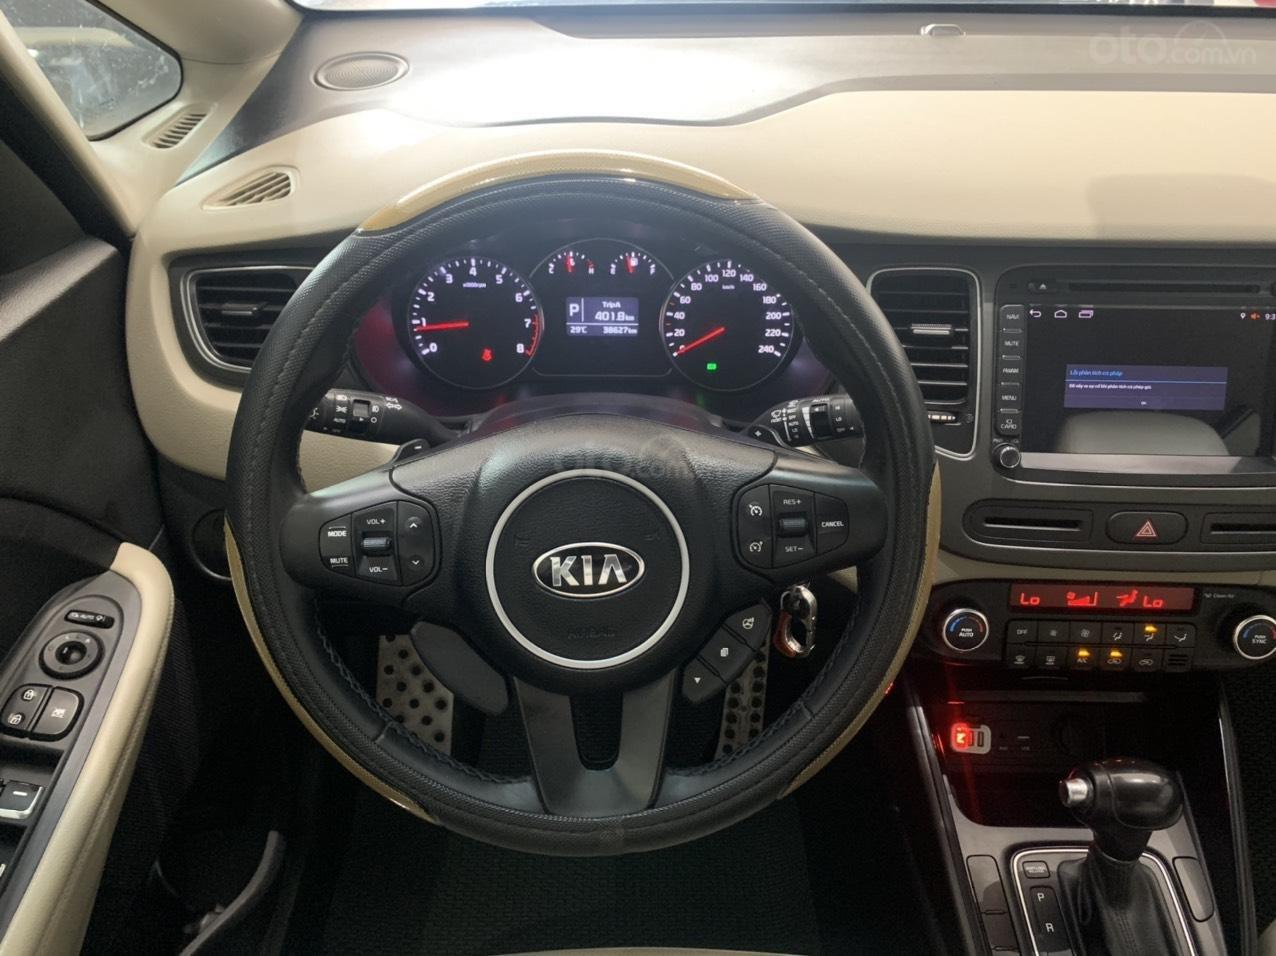 Bán xe Kia Rondo màu trắng xe đẹp, giá cả hợp lý (7)